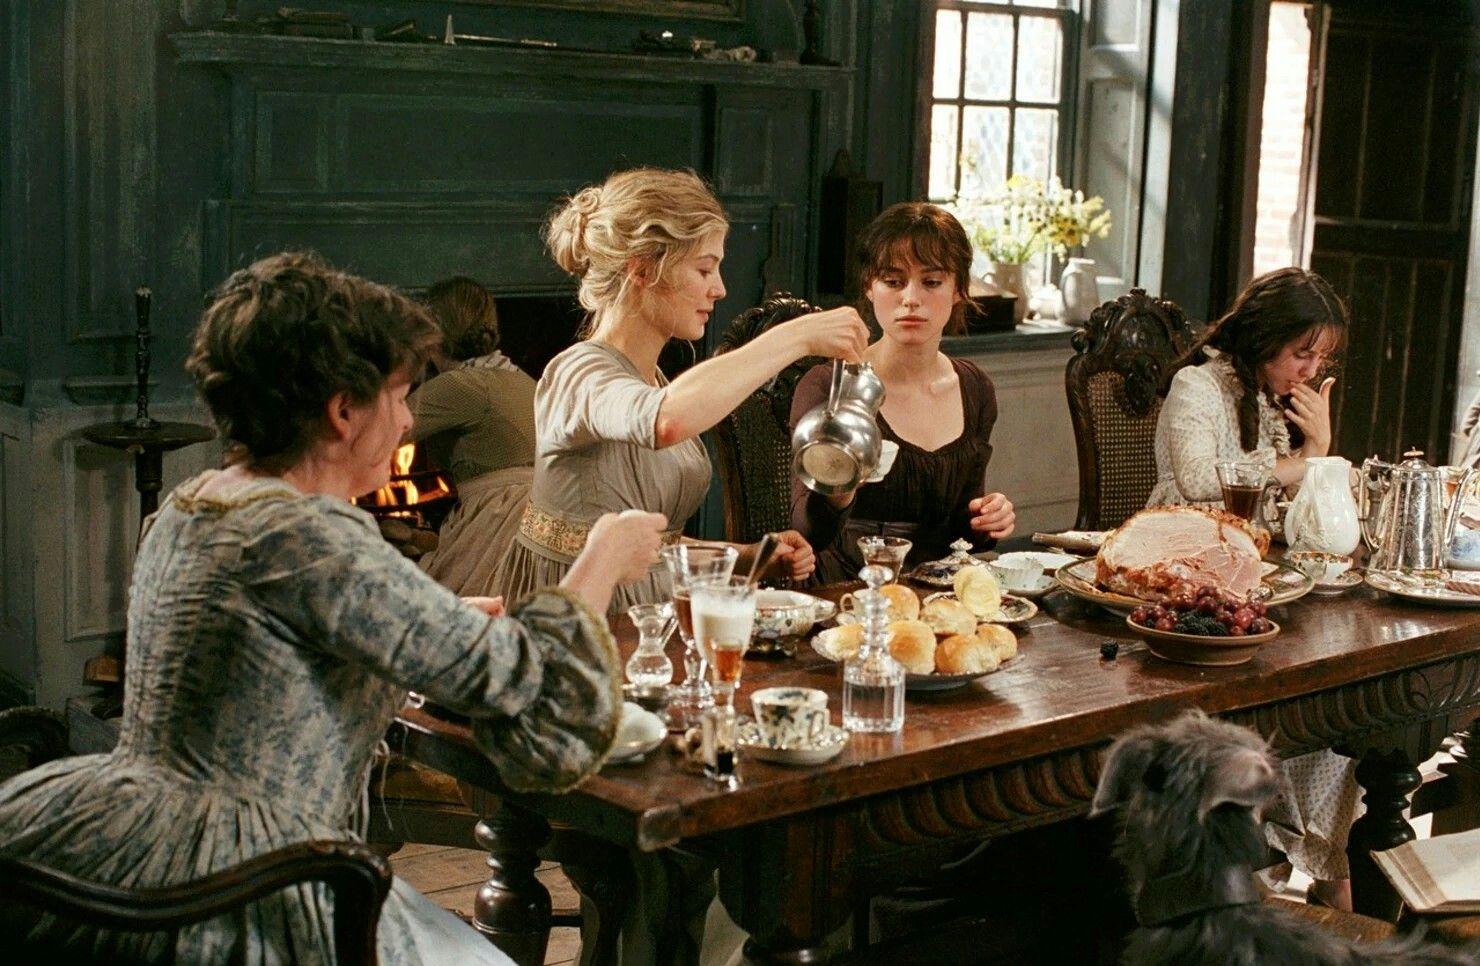 Un Te Con Mr Darcy 0 Il rito del tè inglese, dall'epoca Regency al cinema